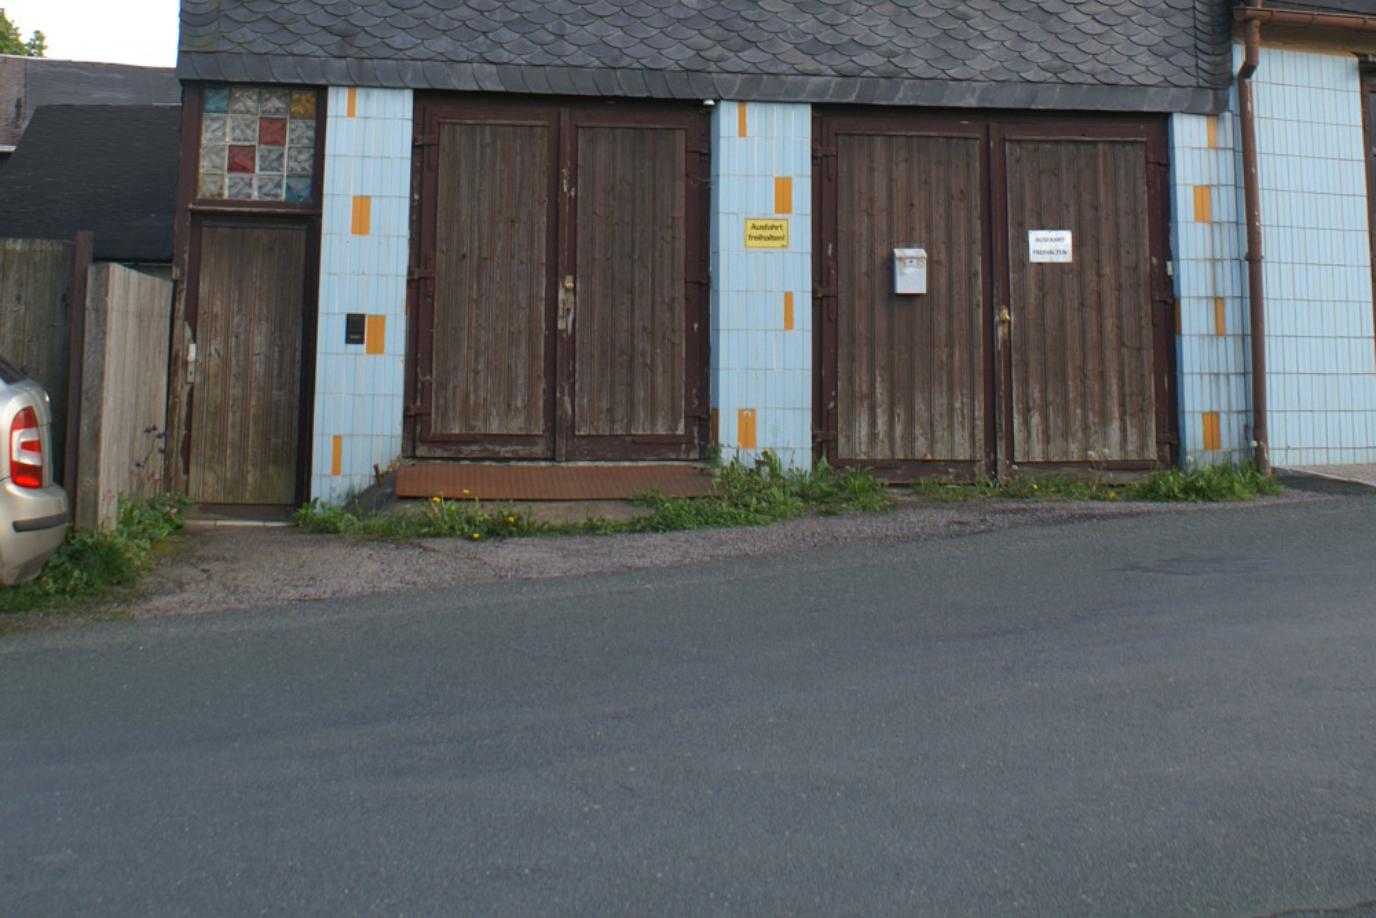 Grundstück mit zwei Wohnhäusern, einer Werkstatt und zwei Garagen